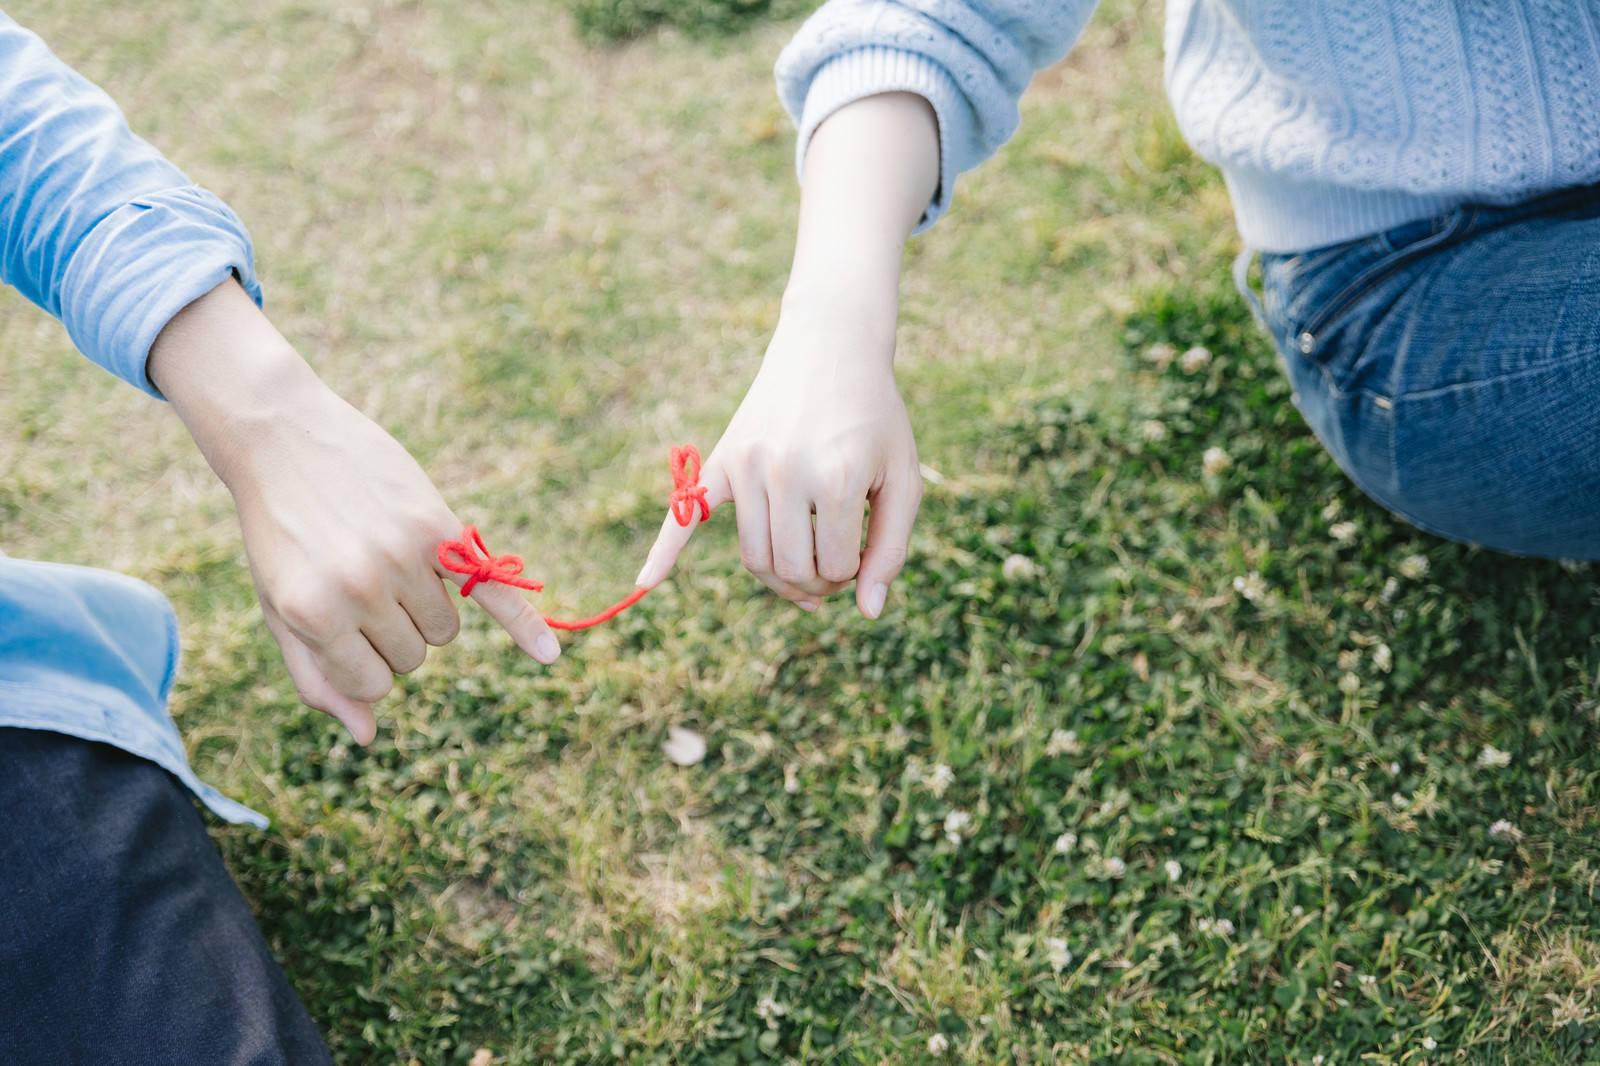 「私たち赤い糸でつながりました私たち赤い糸でつながりました」のフリー写真素材を拡大